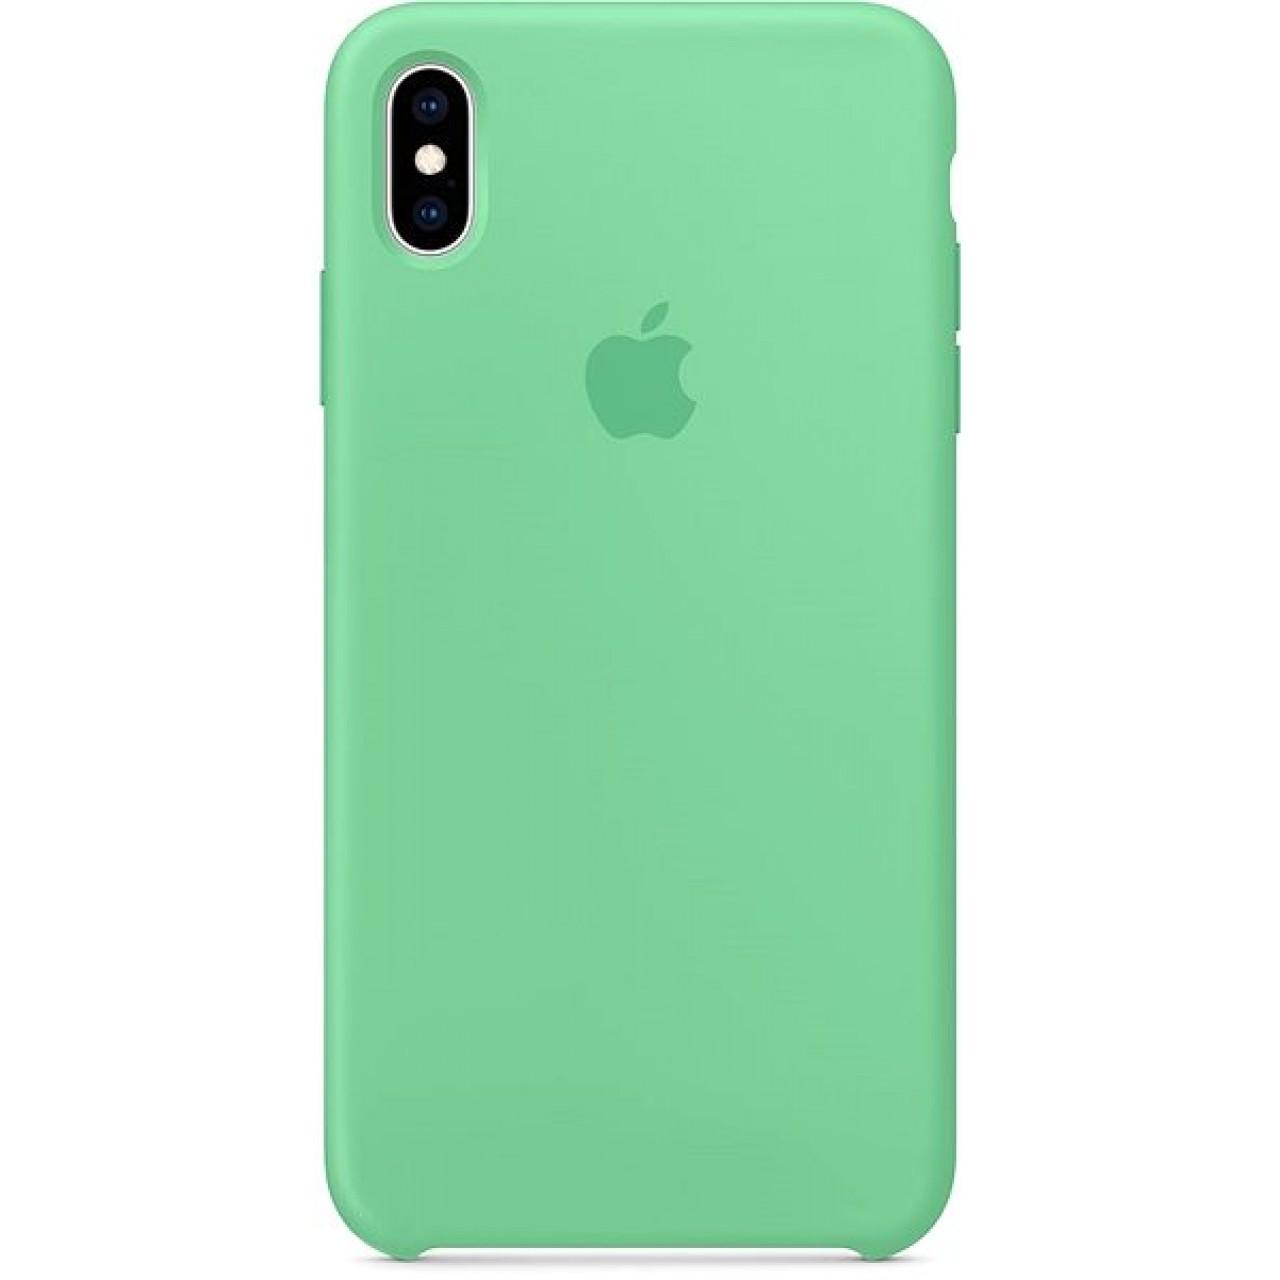 ΘΗΚΗ ΠΡΟΣΤΑΣΙΑΣ ΣΙΛΙΚΟΝΗΣ ΓΙΑ iPhone X / XS ΠΡΑΣΙΝΗ - BACK COVER SILICON CASE GREEN - OEM